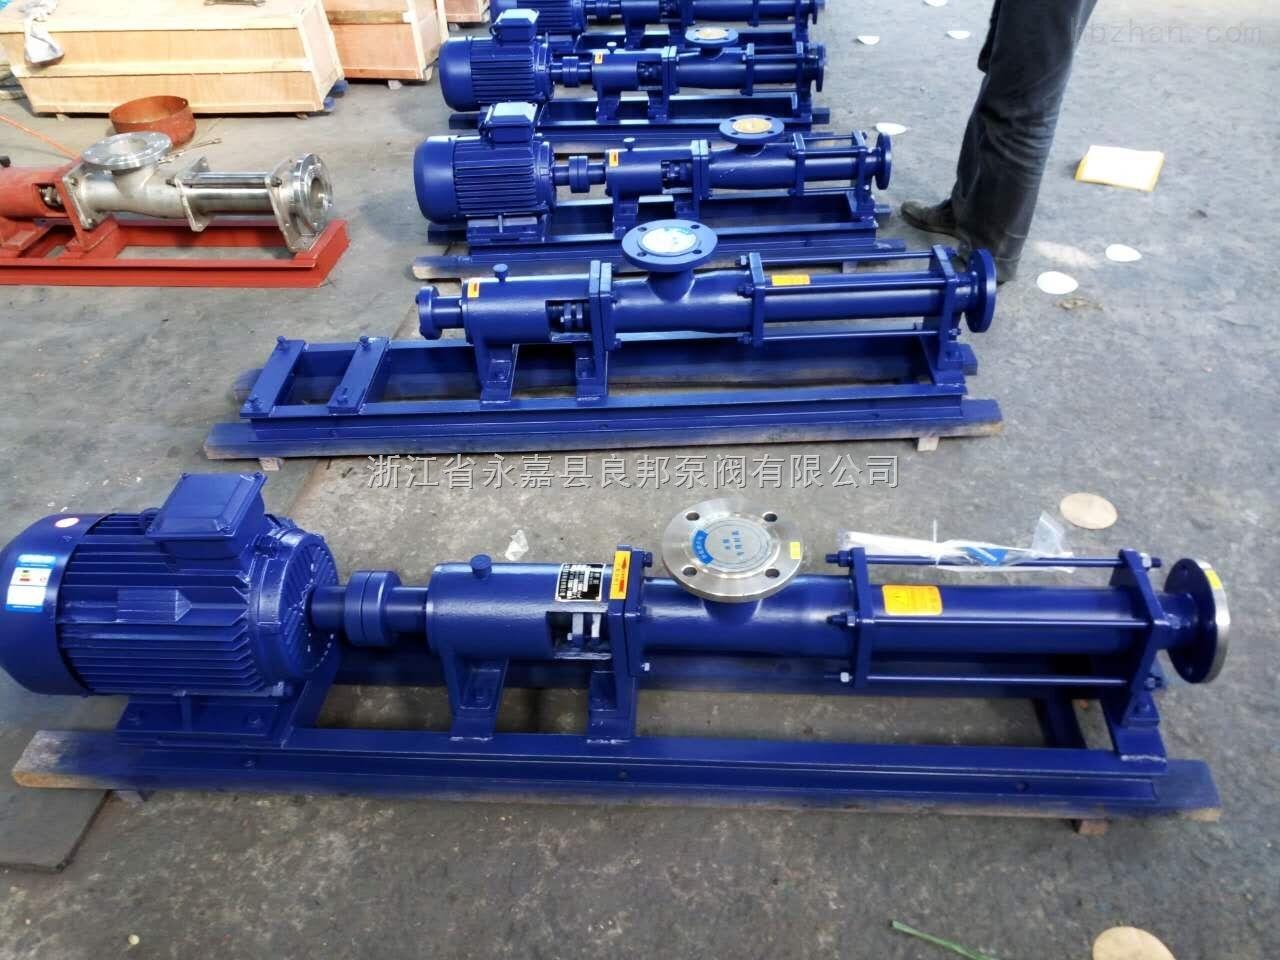 不鏽鋼單螺杆泵